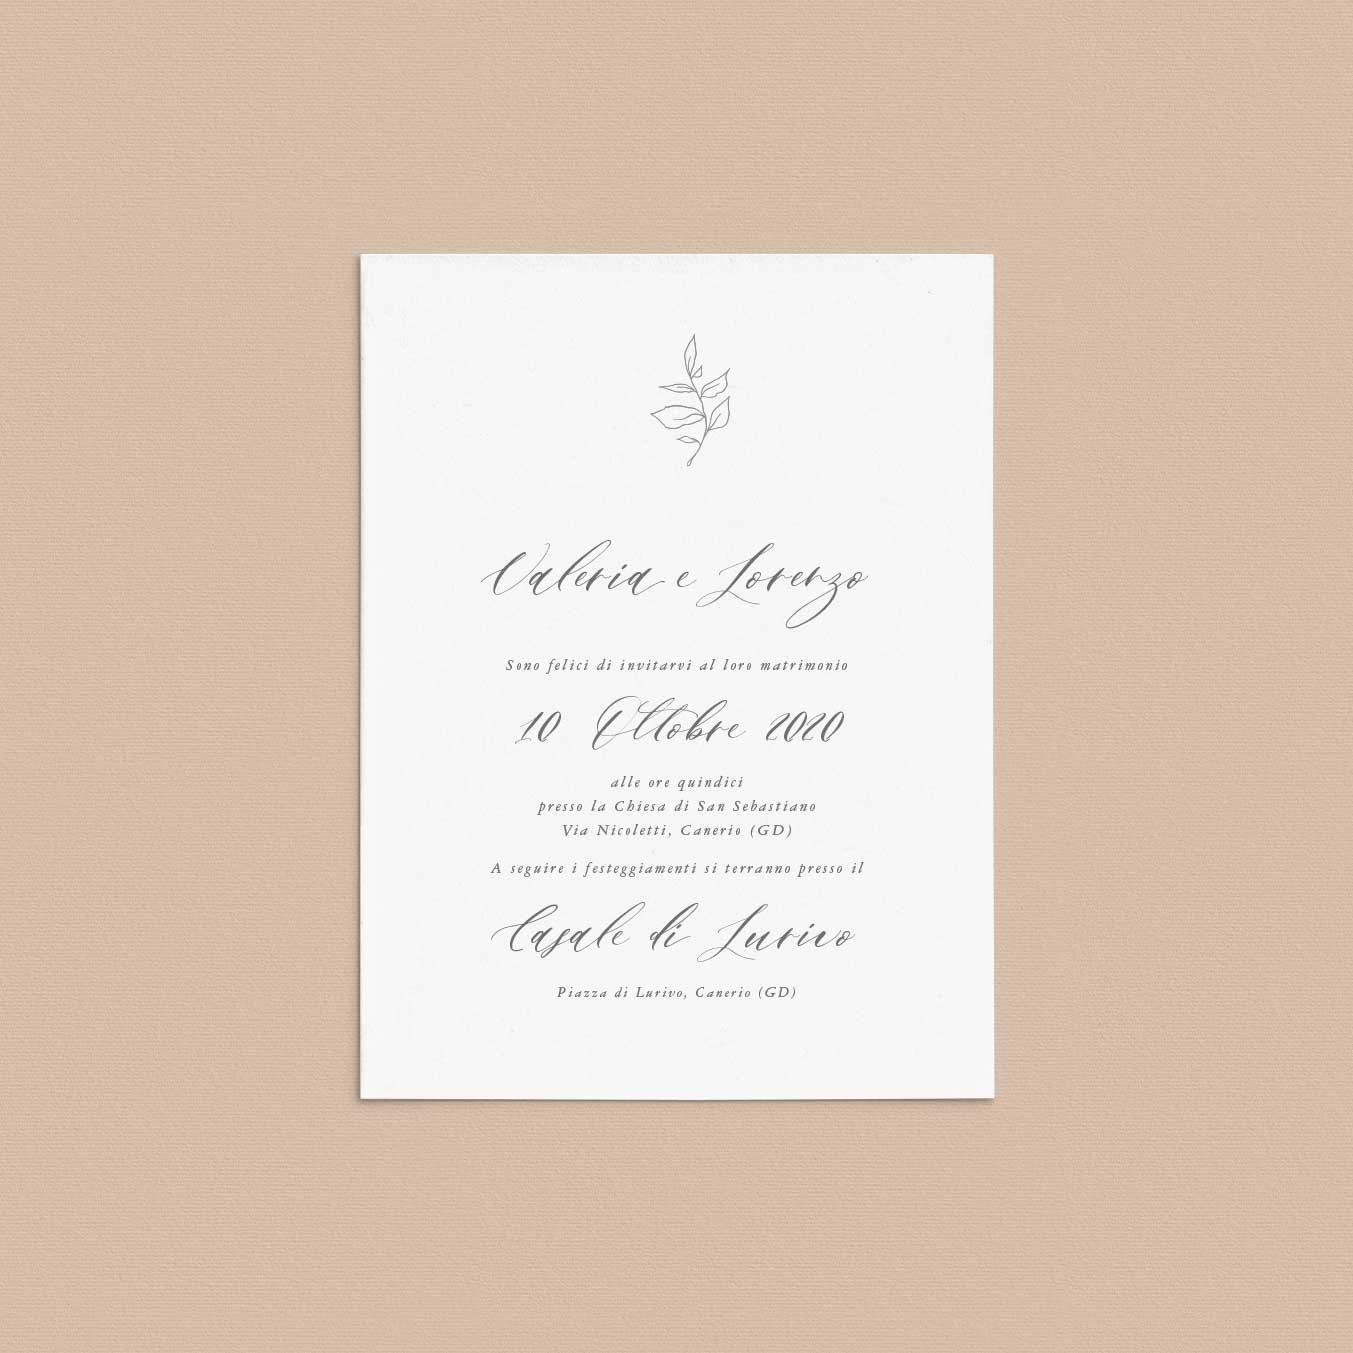 Partecipazioni-modello-rustico-vintage-natura-inviti-matrimonio-elegante